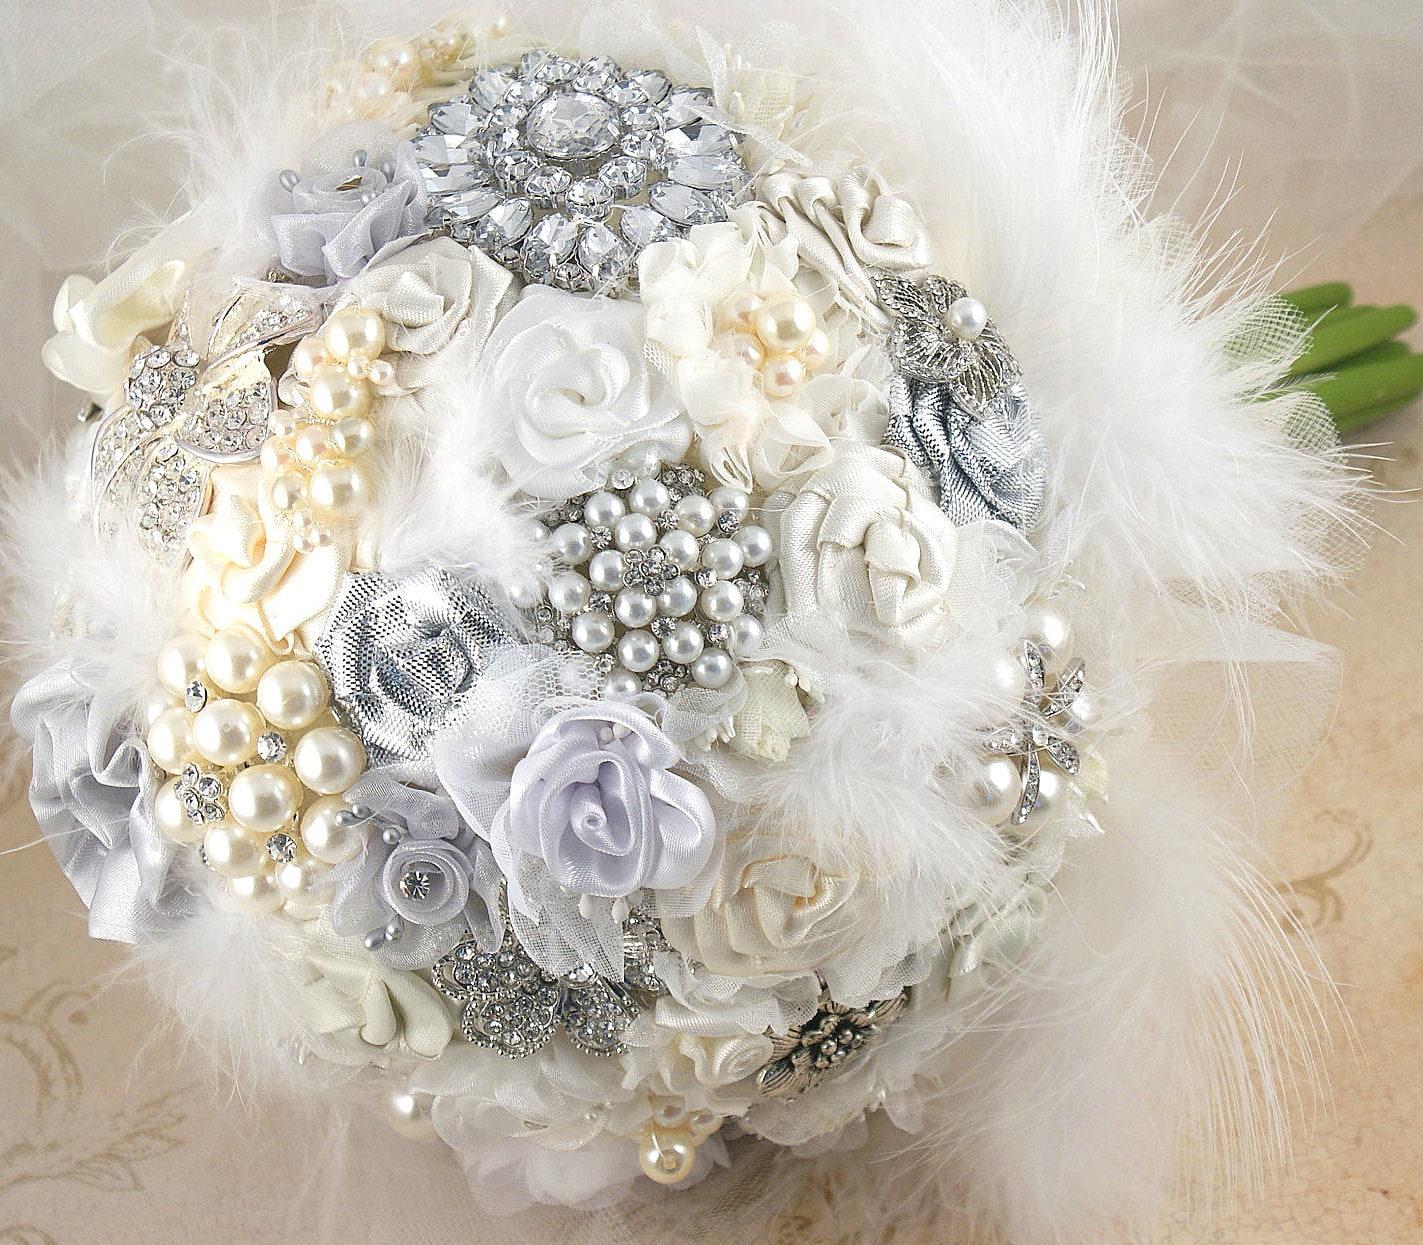 Брошь букет свадебный букет Свадебный букет Jeweled Букет в белых, серебряных и крем с перьями